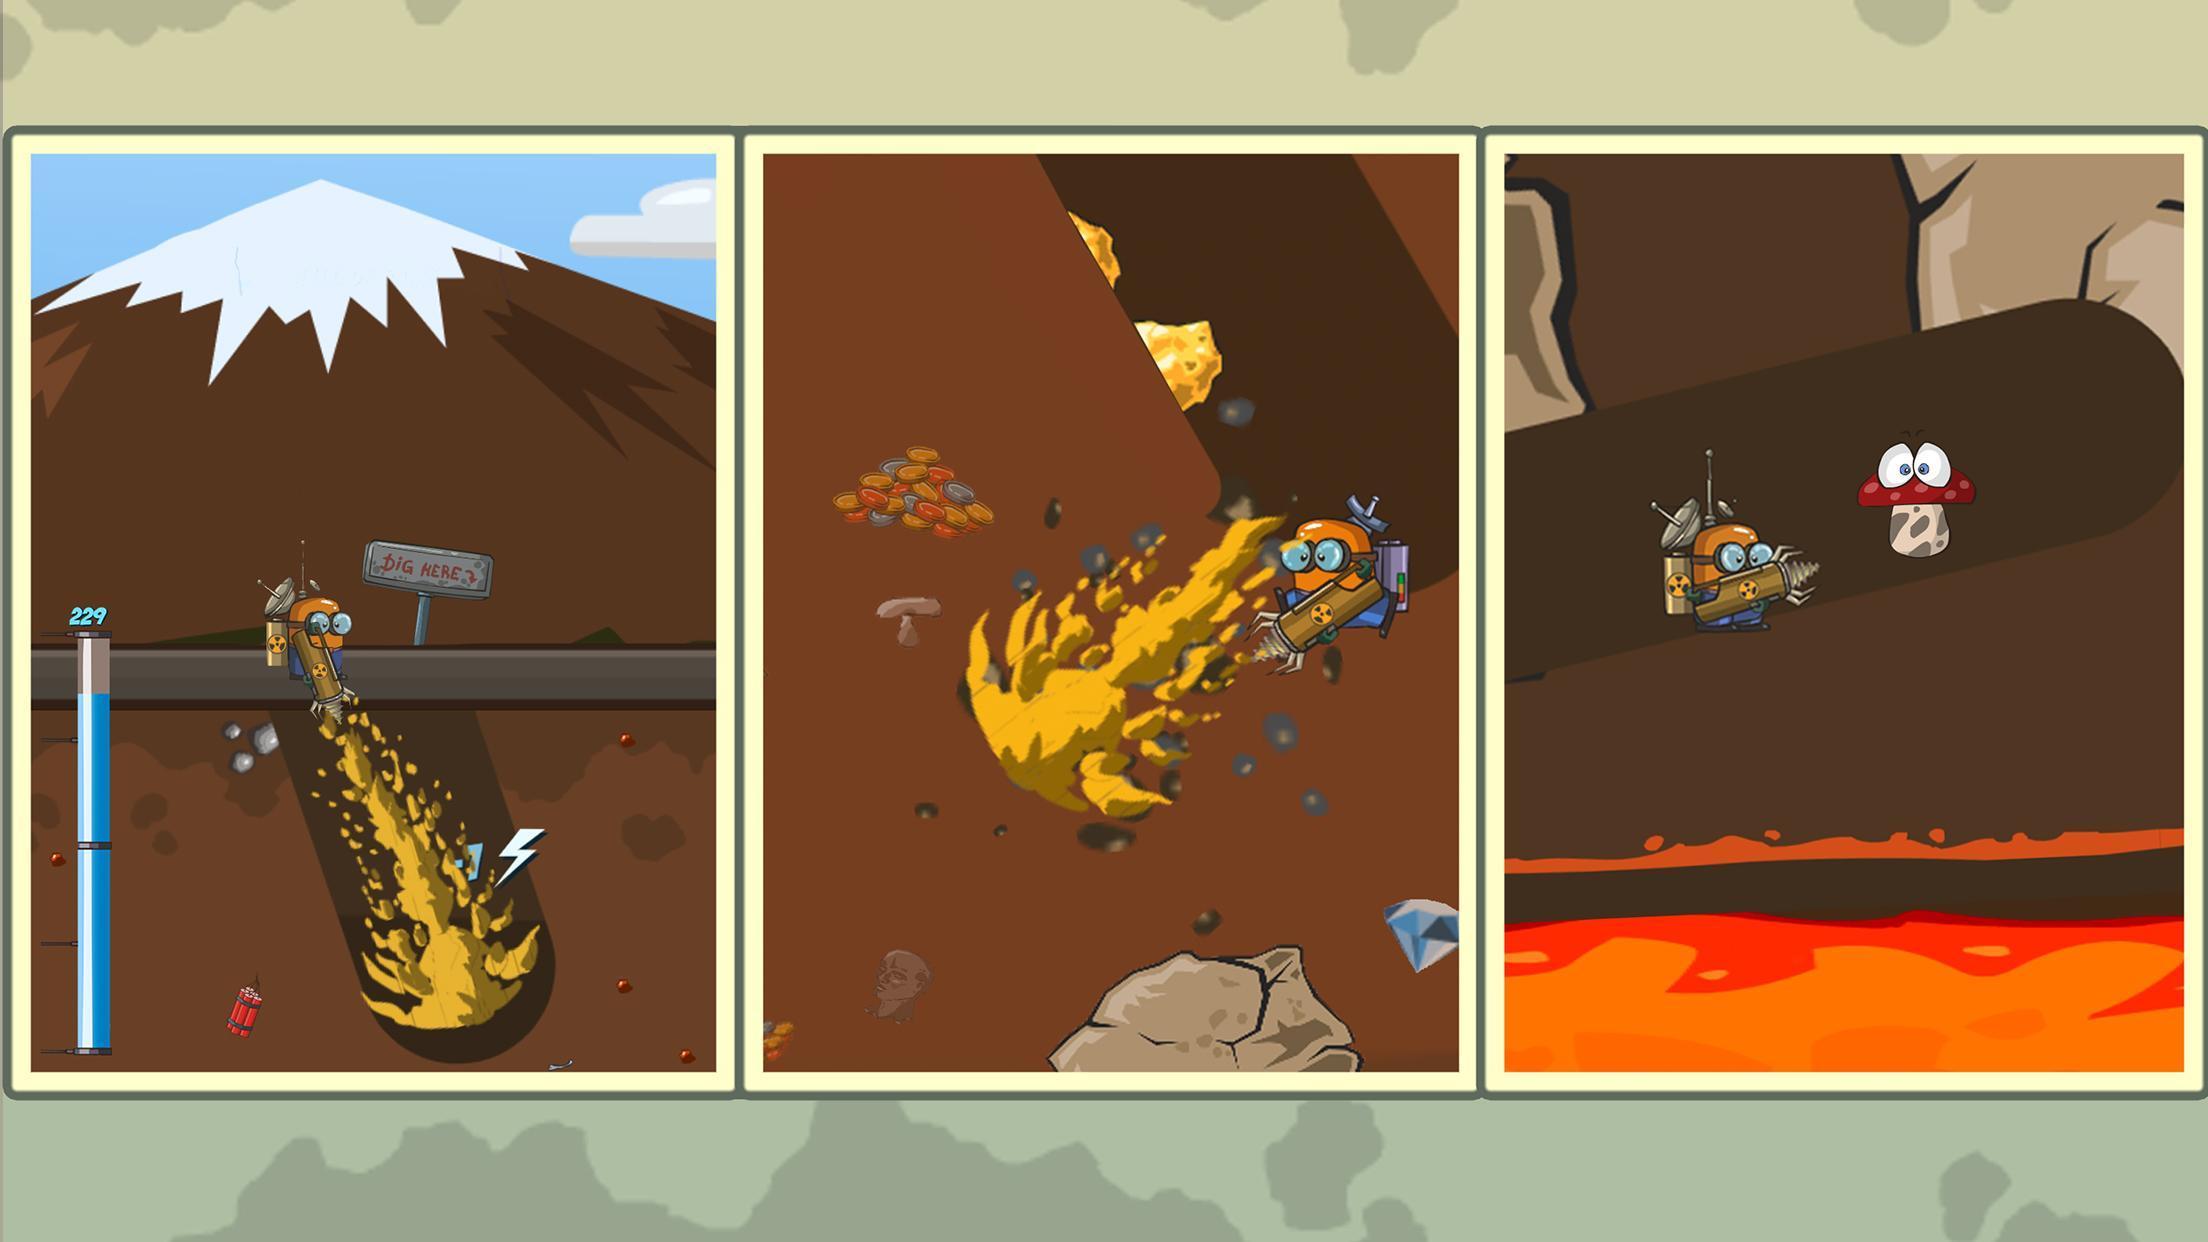 Diggy Dig & Find Minerals 1.0.7 Screenshot 6